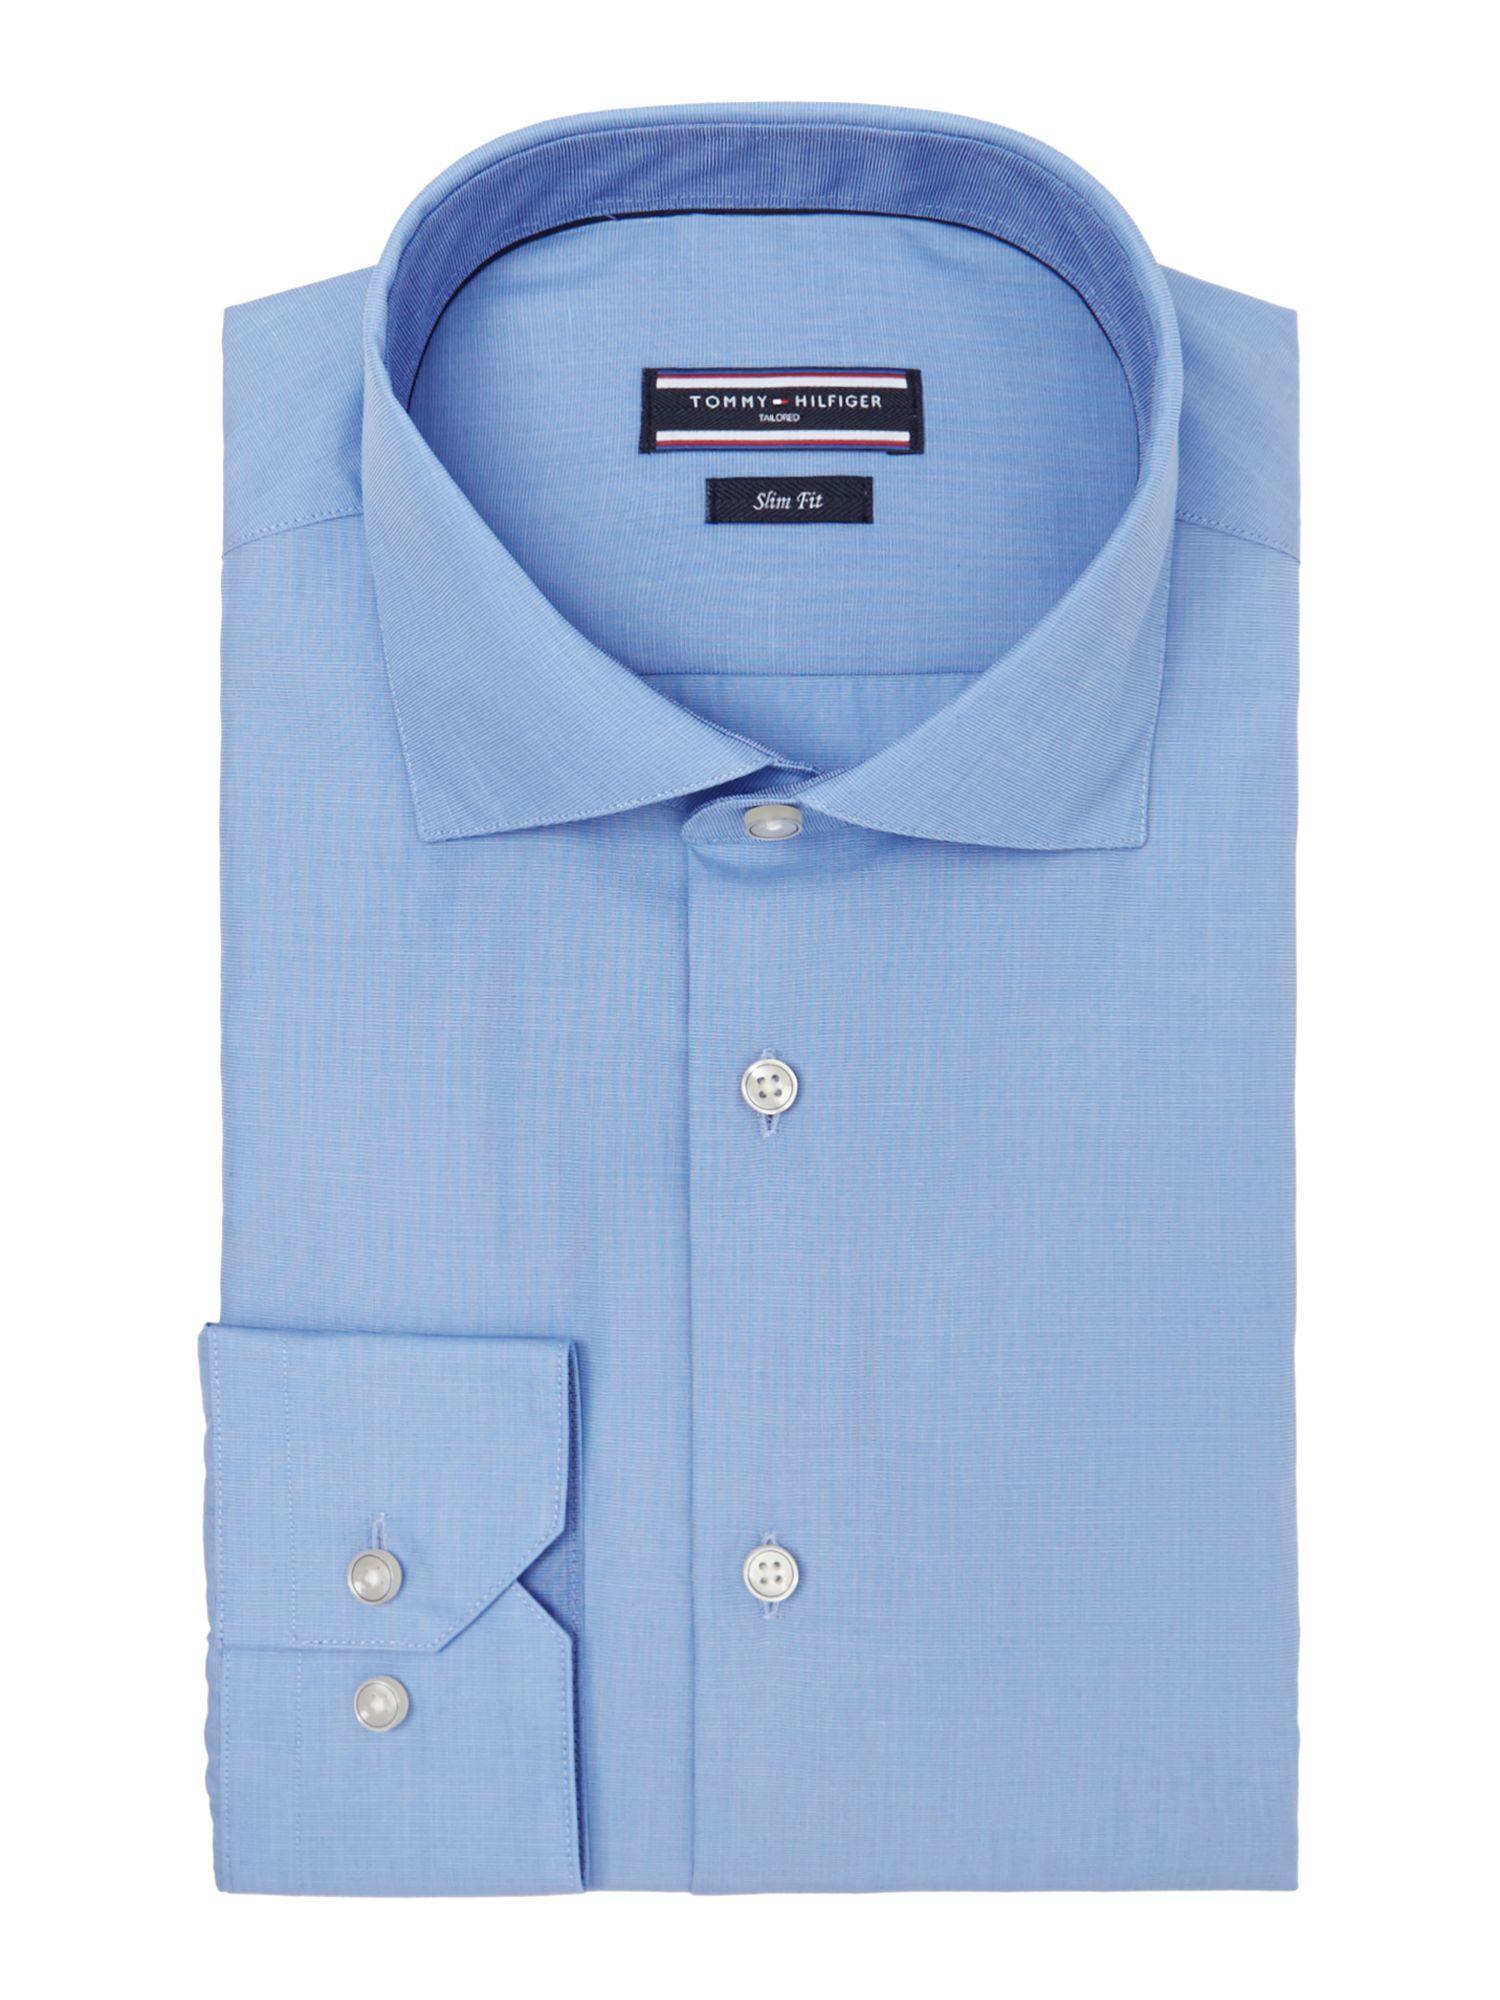 tommy hilfiger scott slim fit plain shirt in blue for men. Black Bedroom Furniture Sets. Home Design Ideas